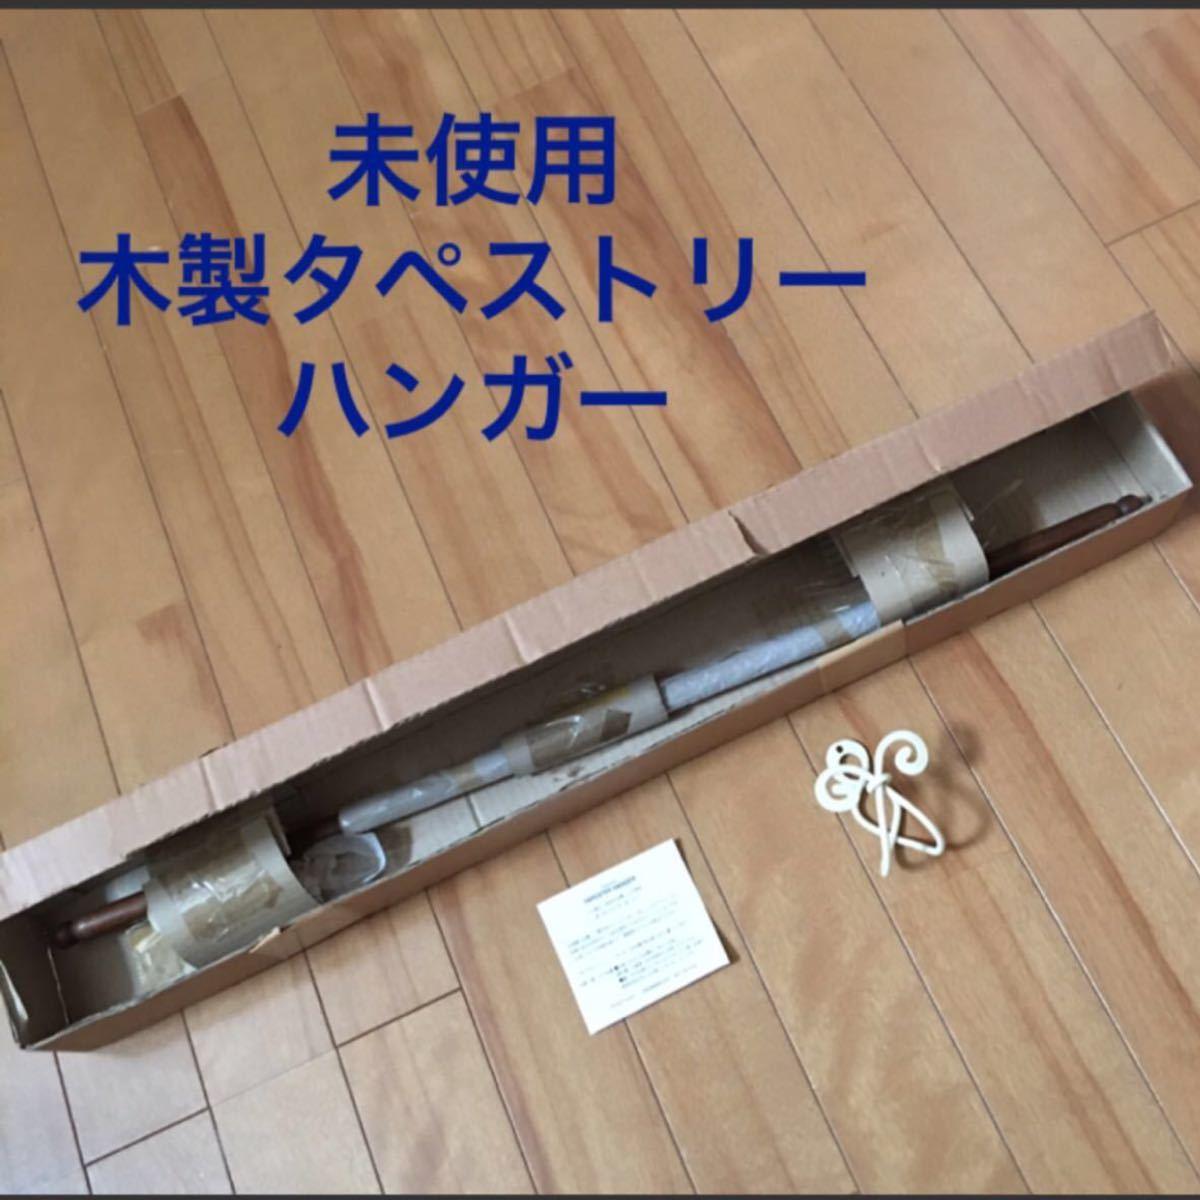 【未使用】木製 パッチワーク キルトハンガー タペストリーハンガー カントリー